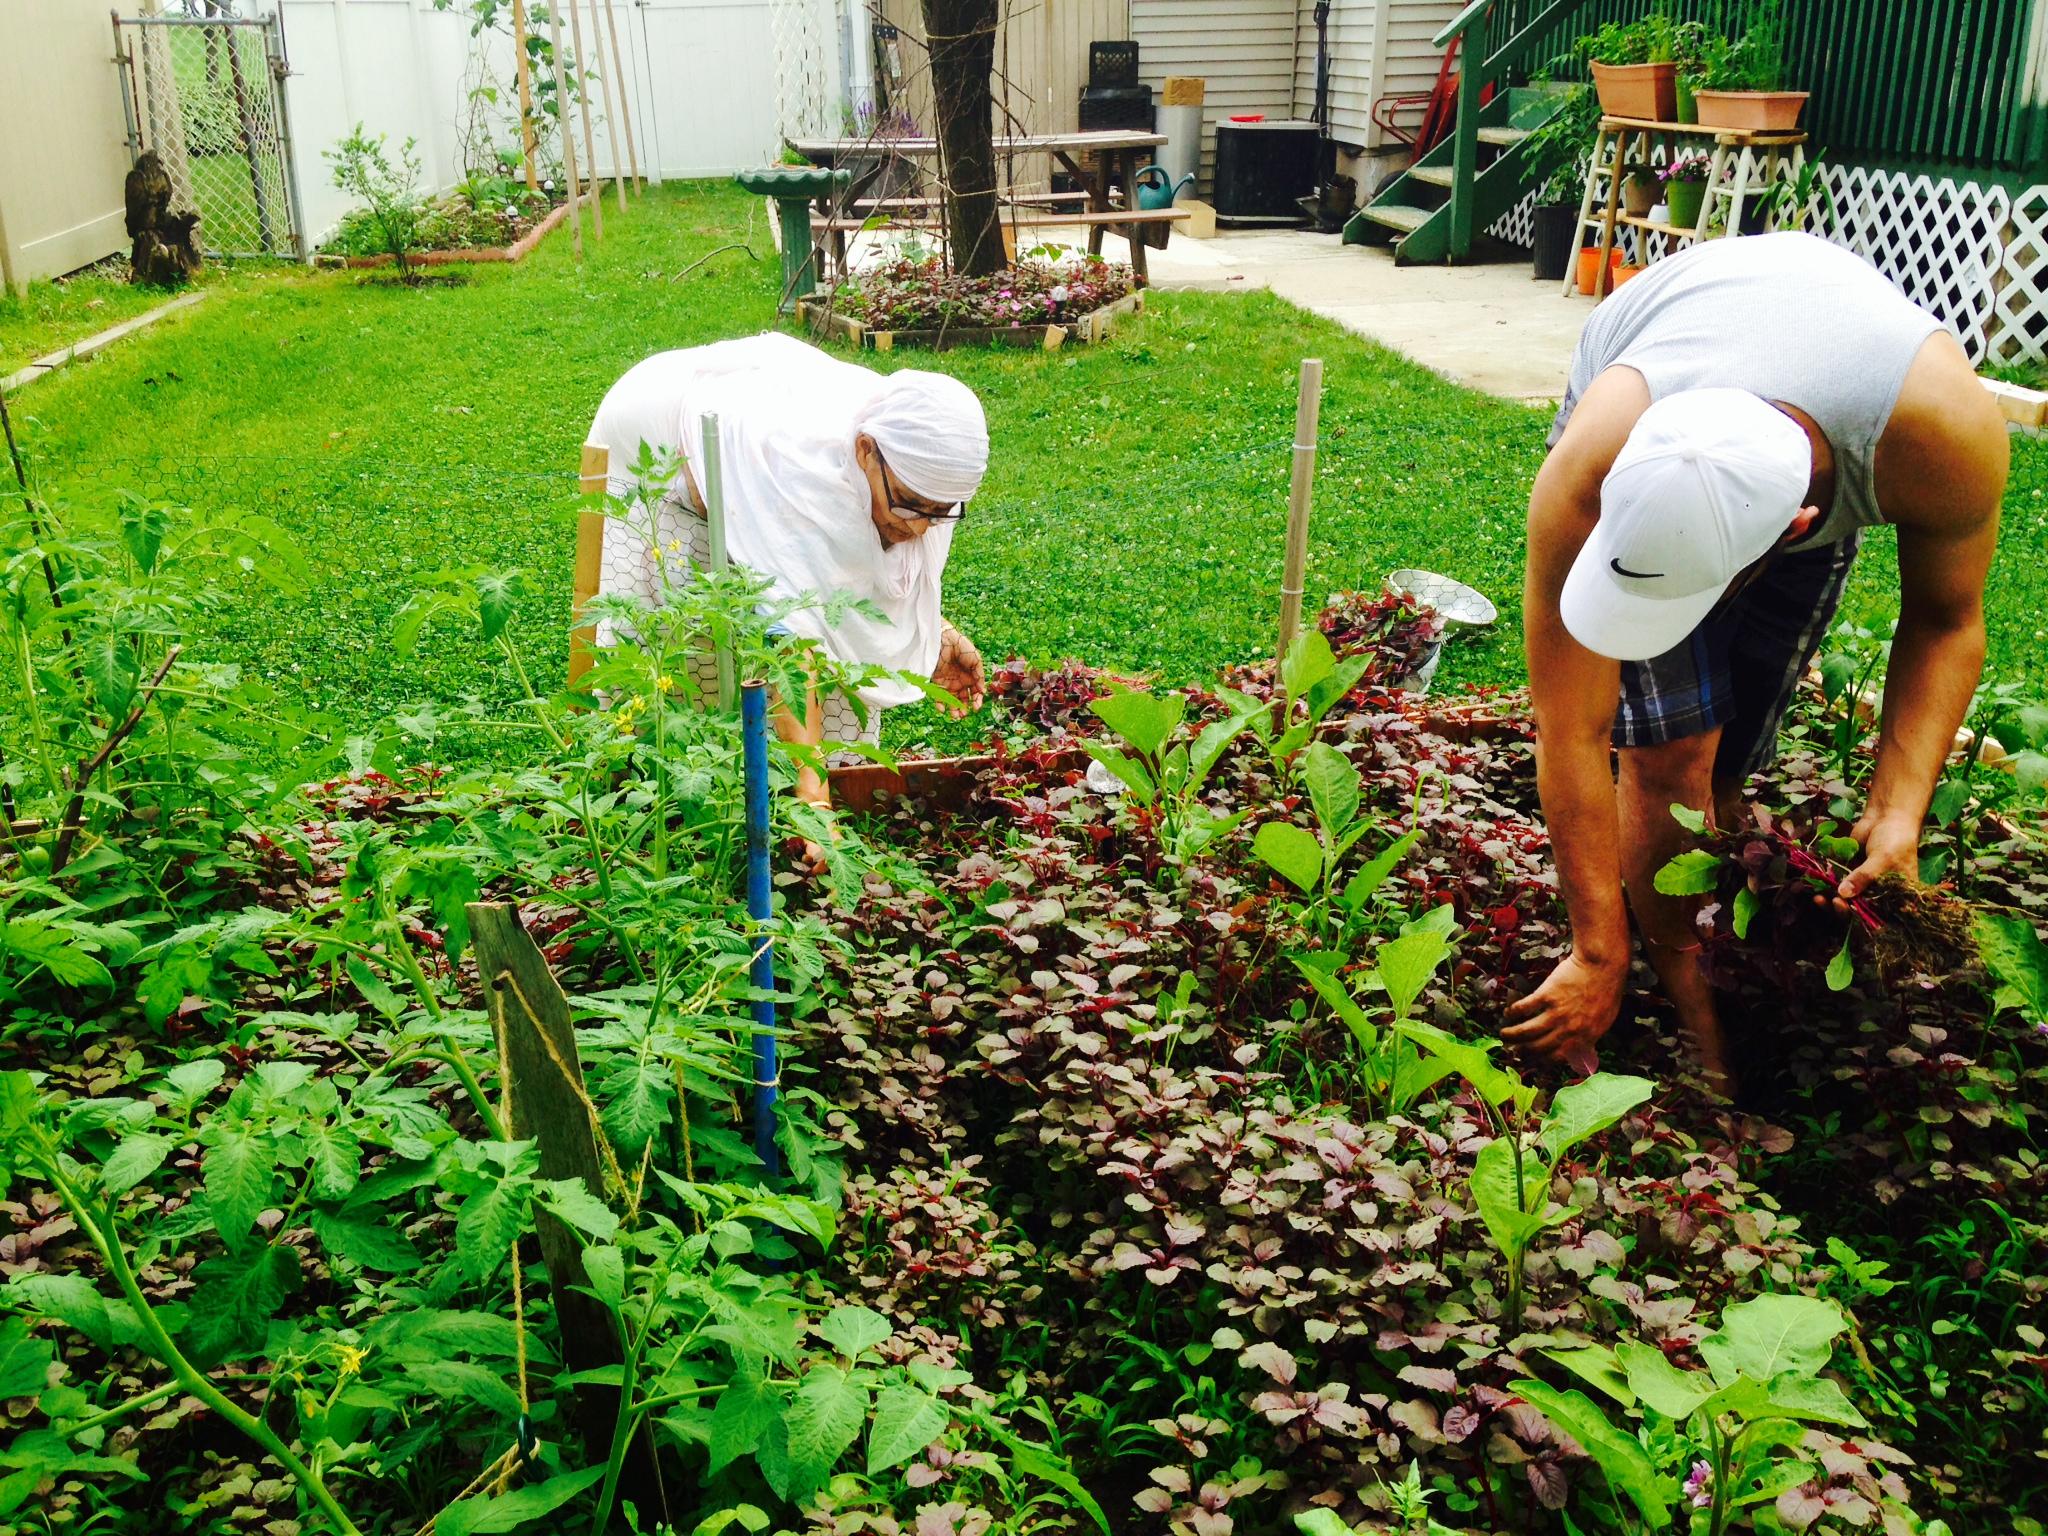 Gardening wit the Mum!